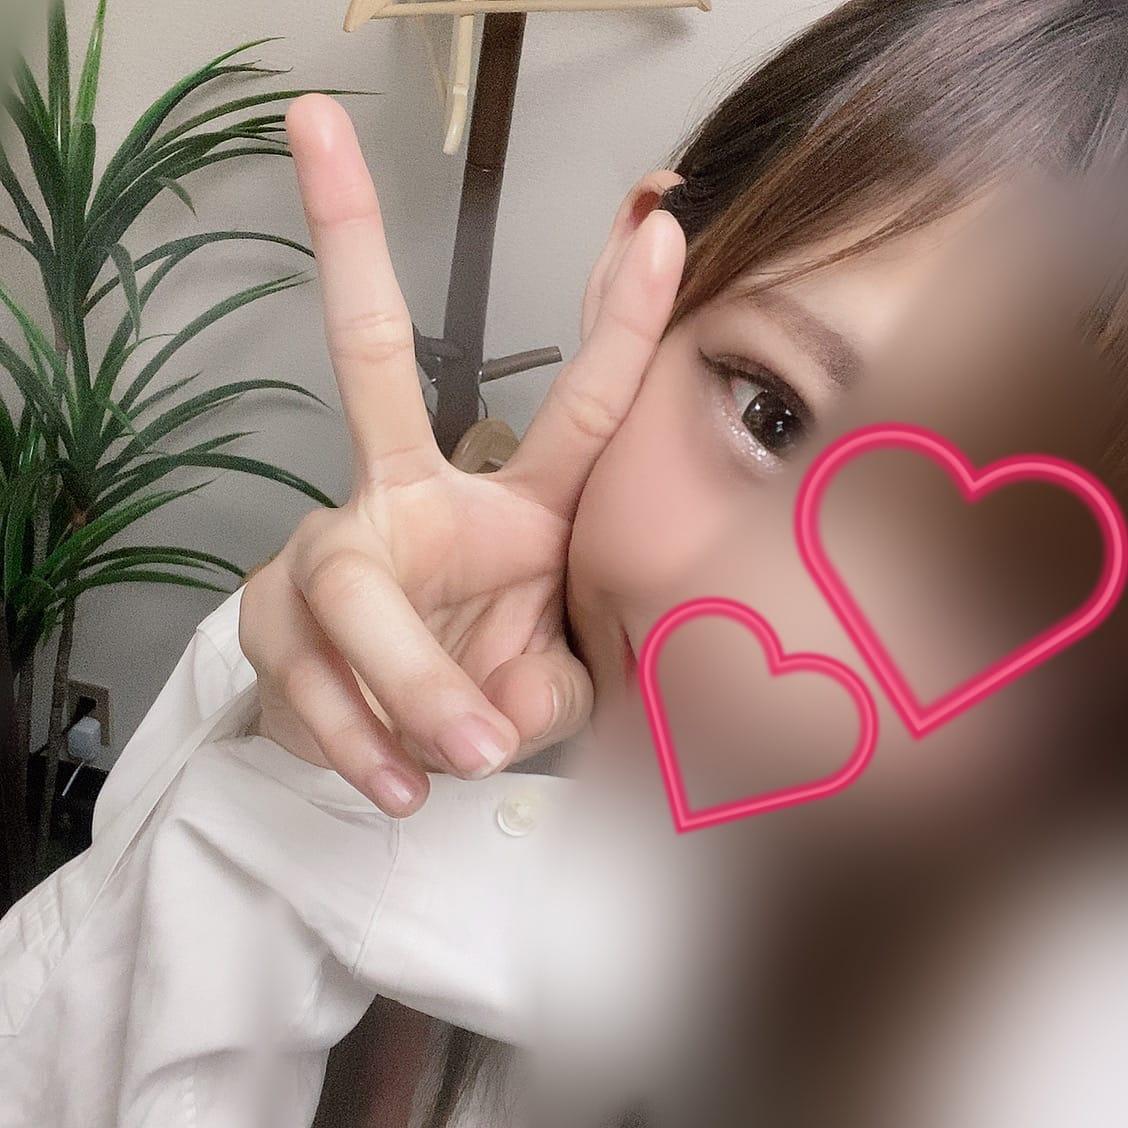 「出勤します( ¨̮ )︎︎」02/27(土) 17:59 | 亜梨沙~ありさ~の写メ・風俗動画